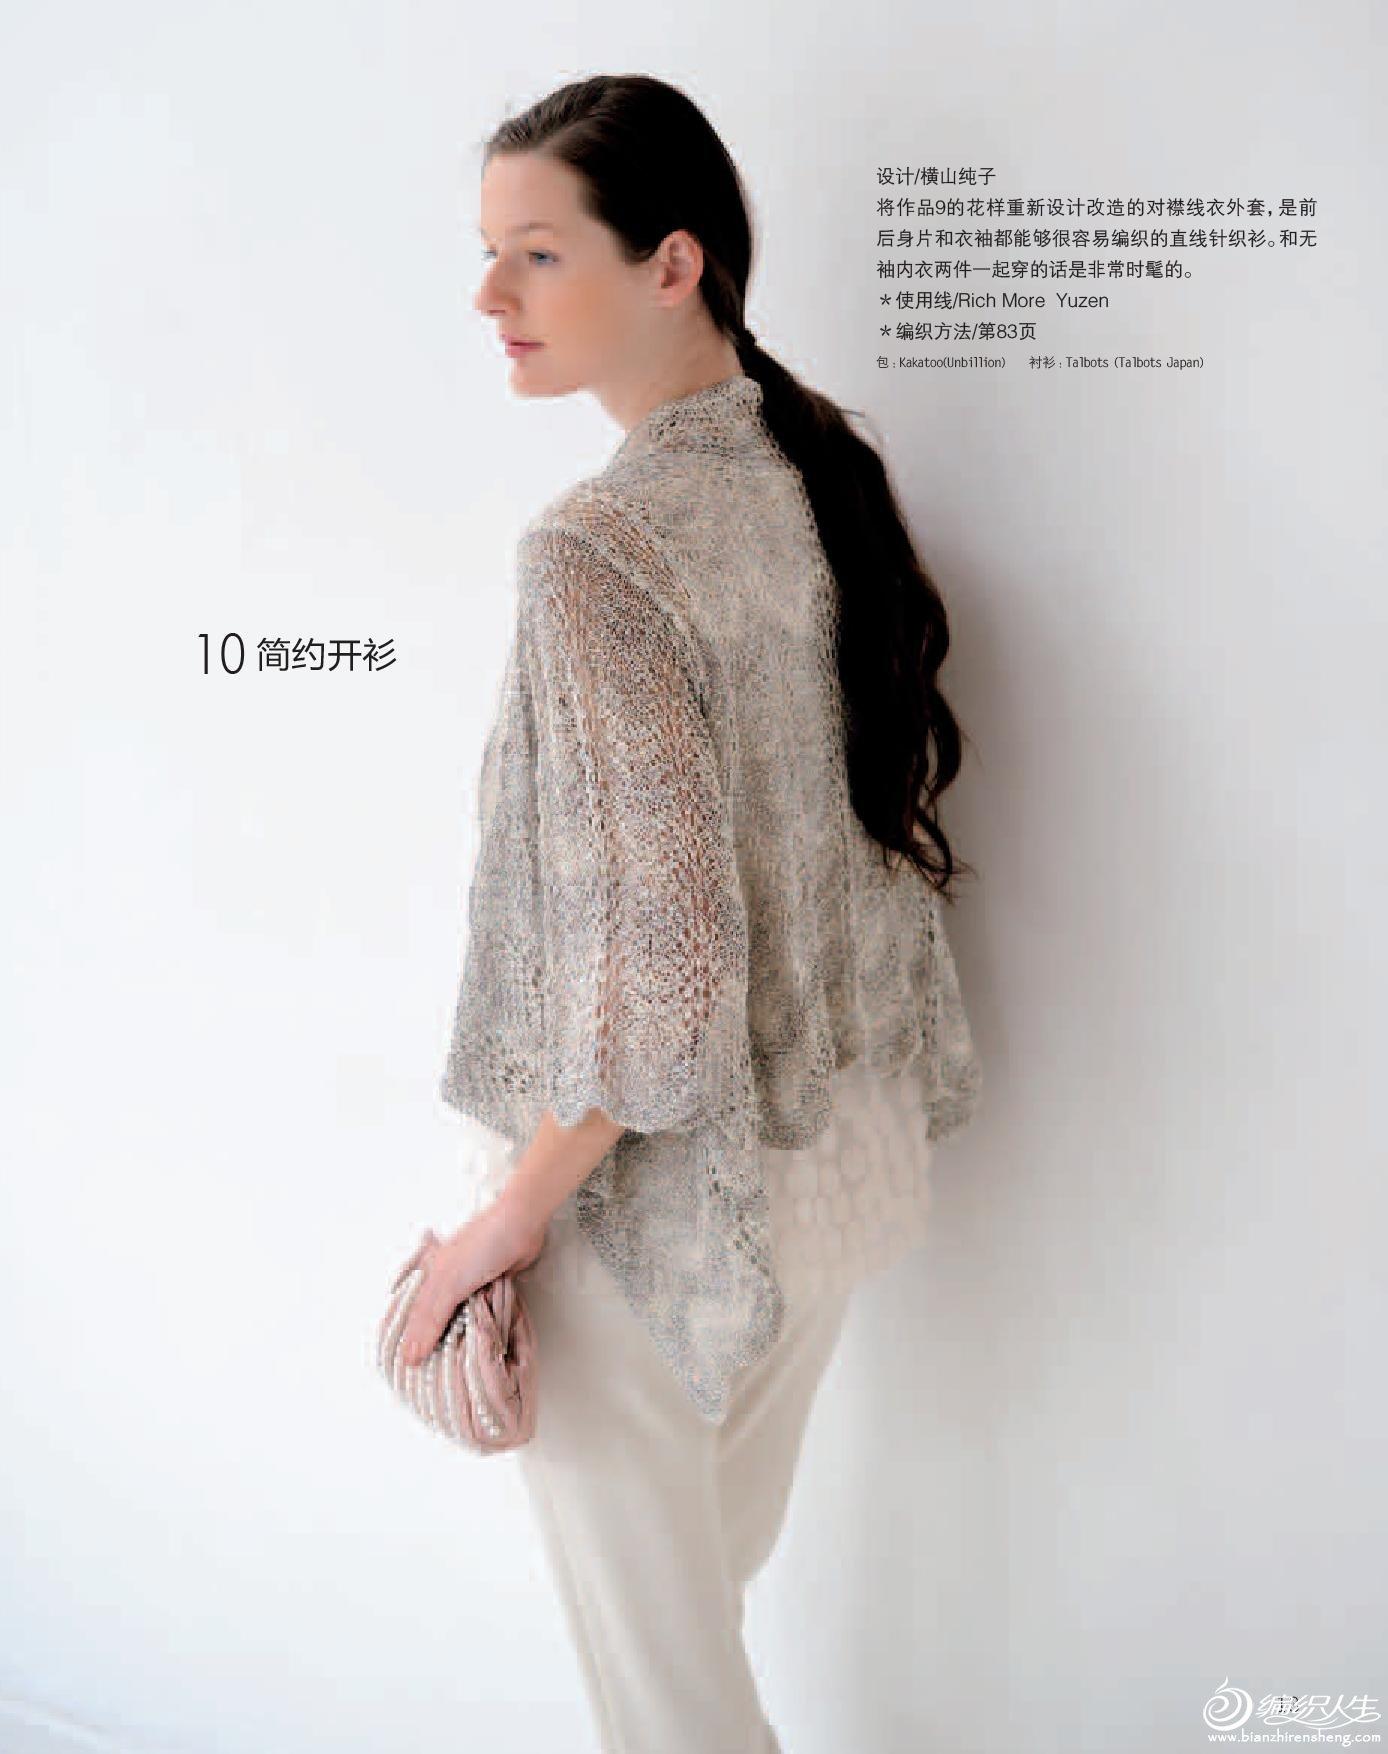 世界编织1 蕾丝编织的美丽世界-13.jpg